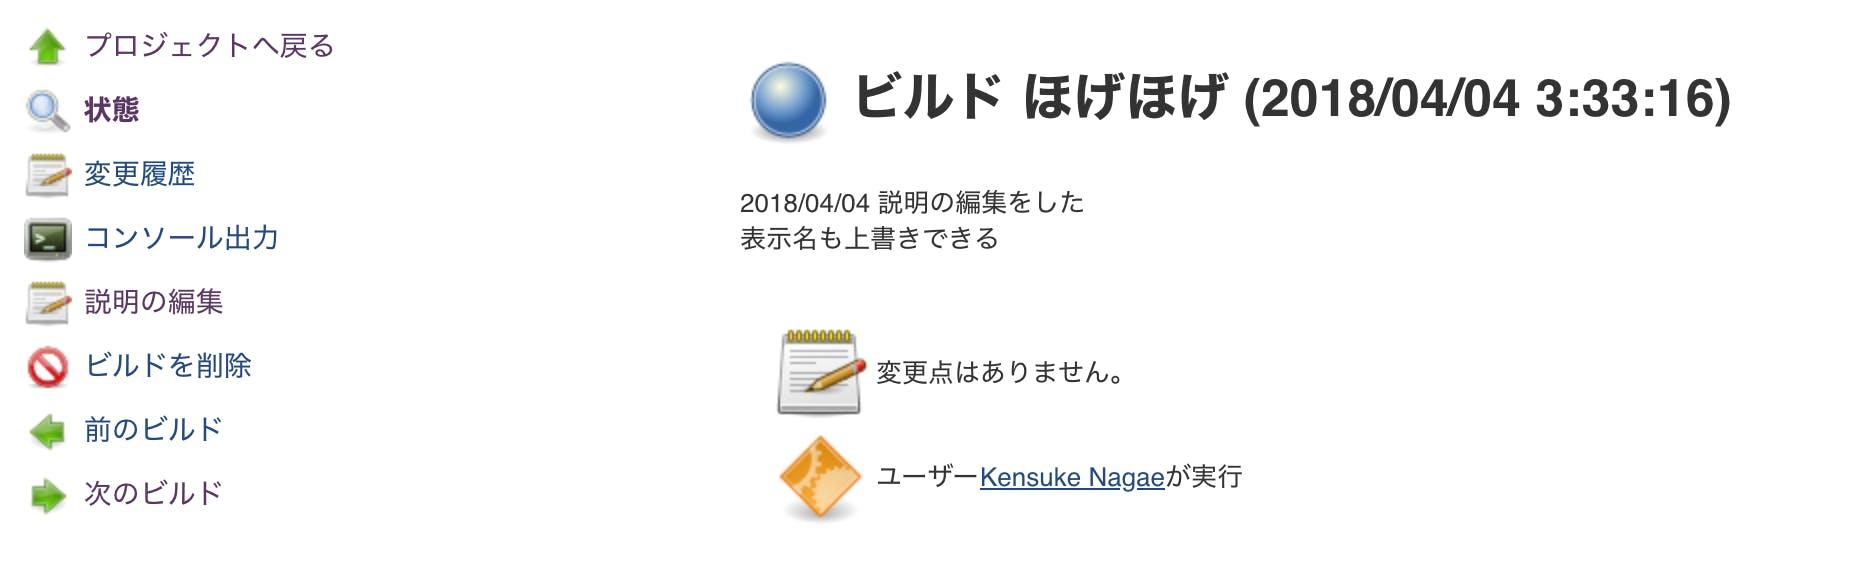 Screen Shot 2018-04-04 at 3.36.09.png